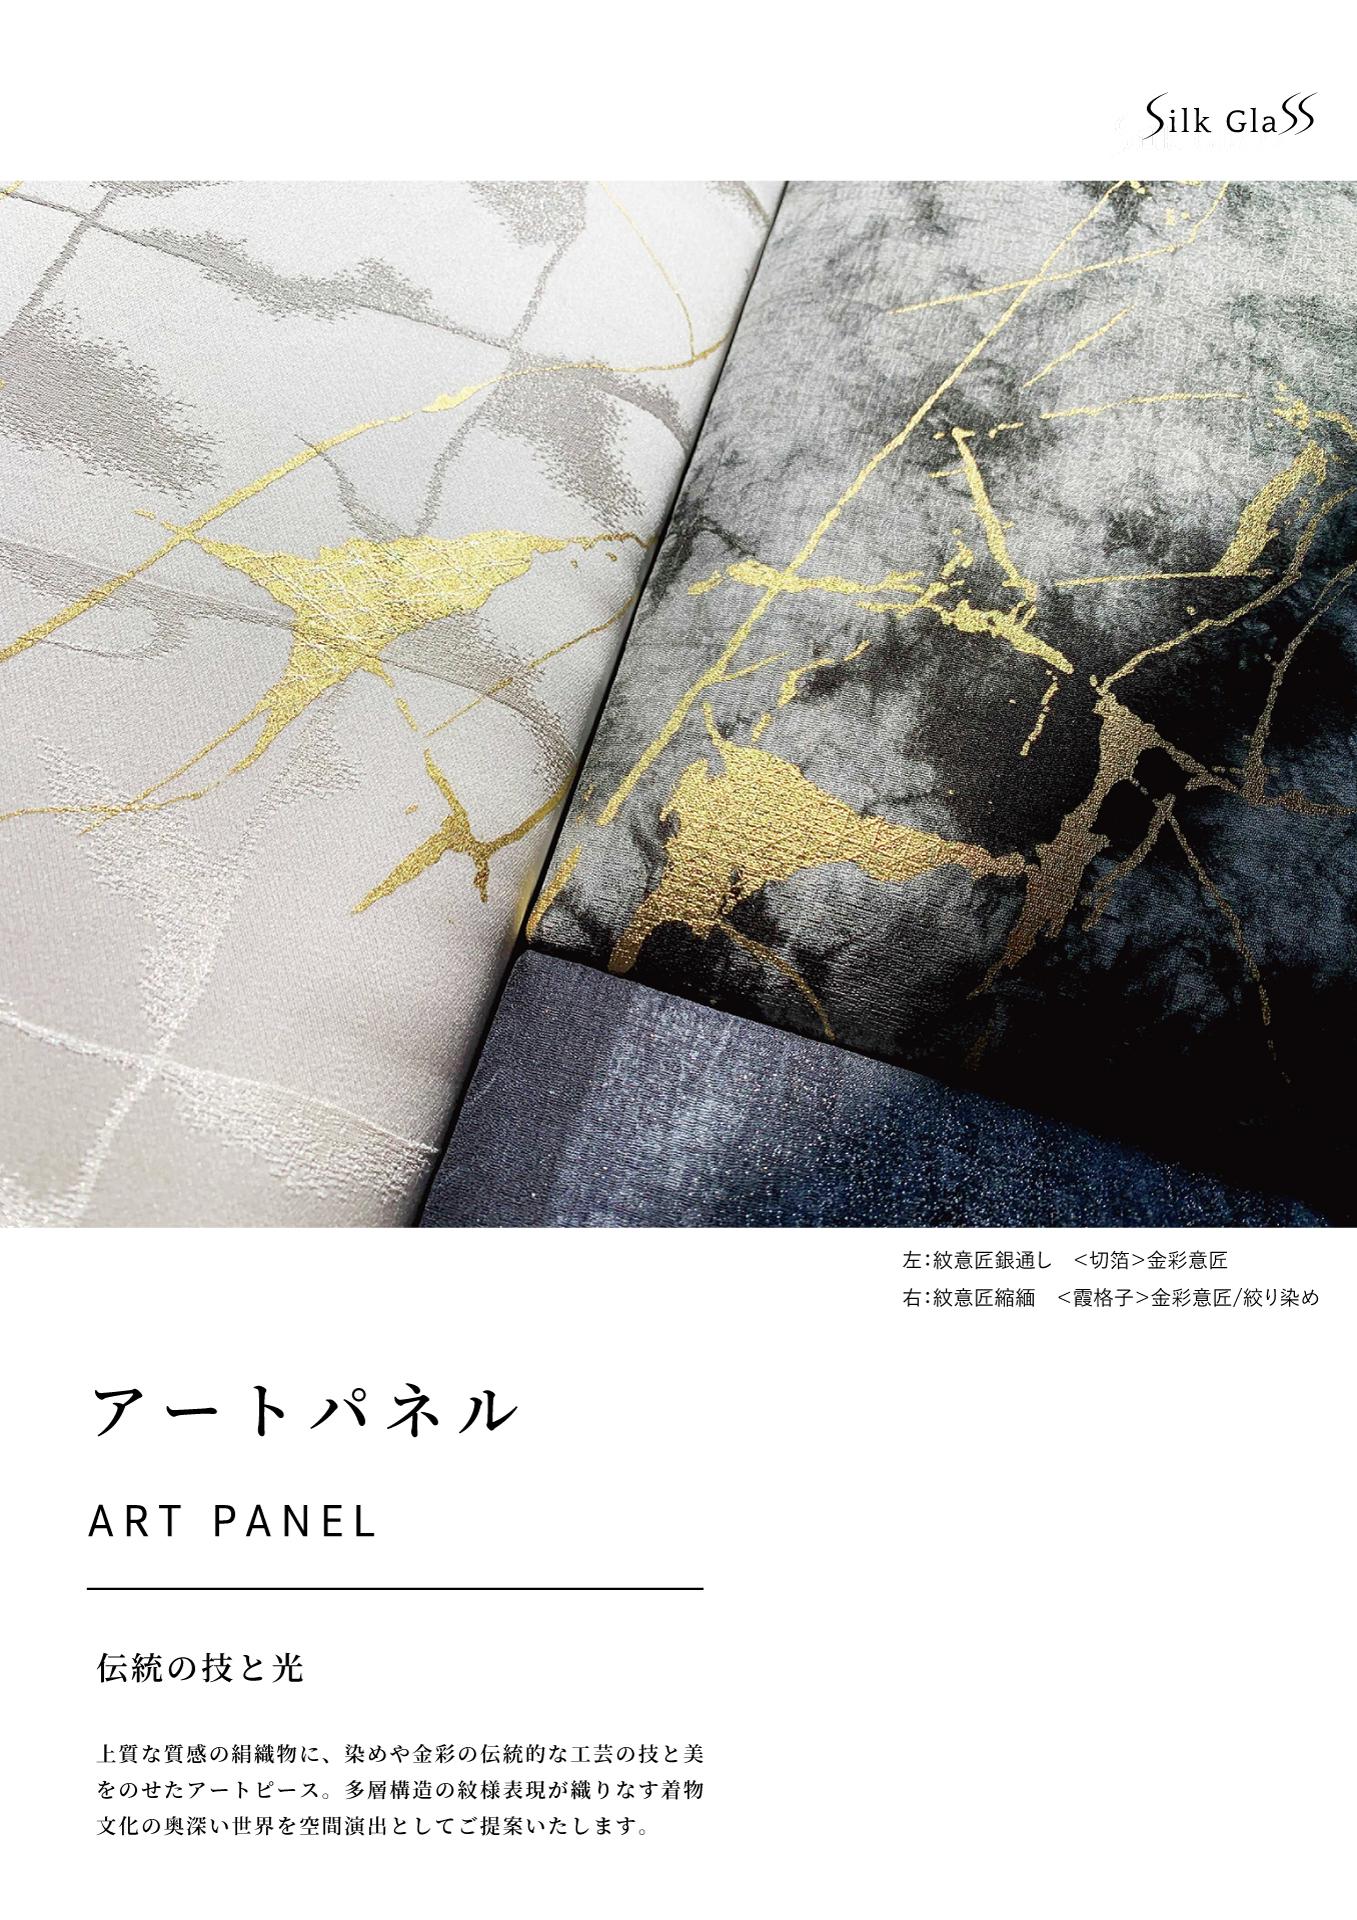 アートパネル ART PANEL 2.943MB